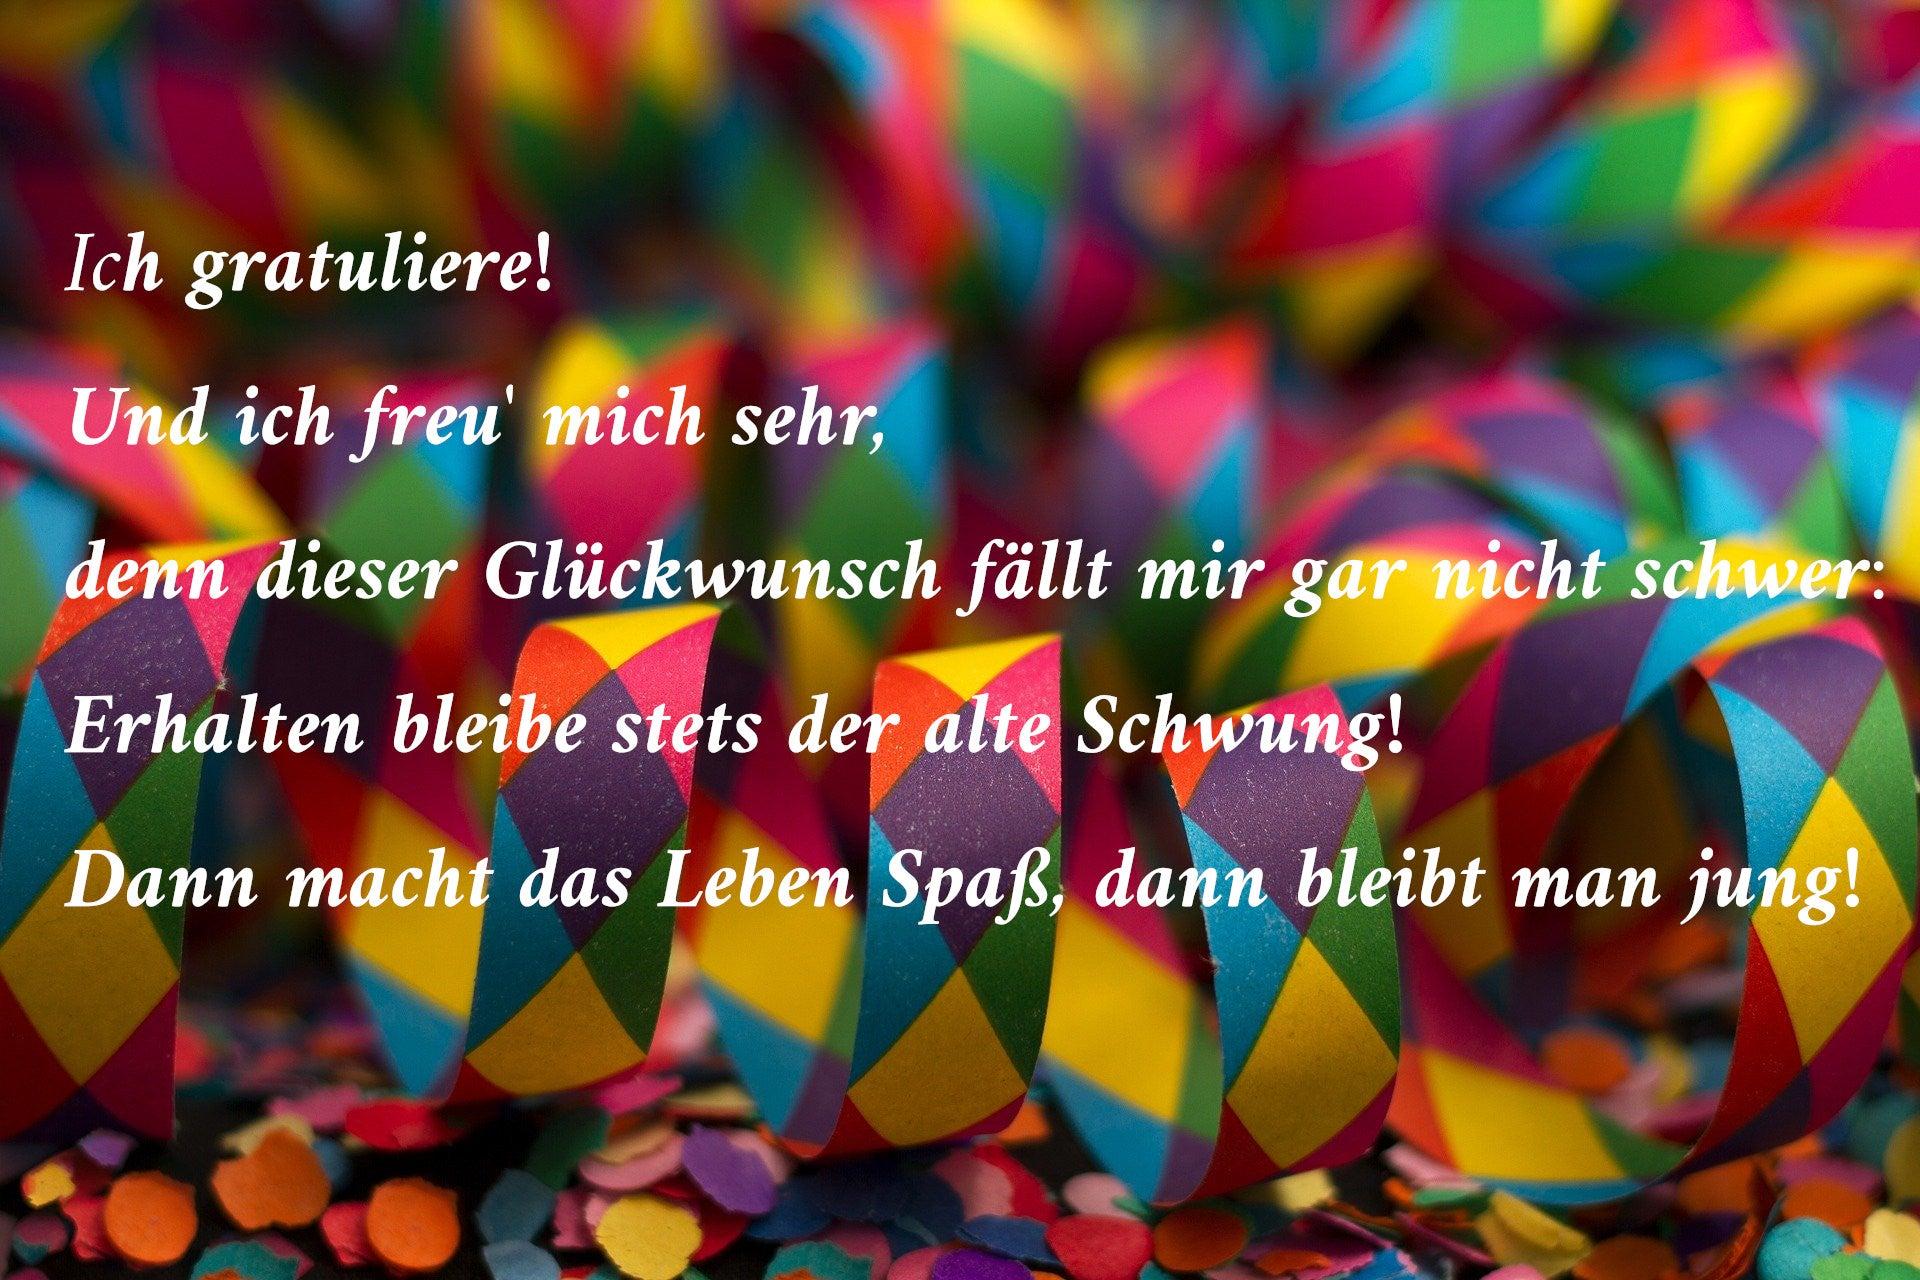 Spruche Fur Gluckwunsche Zum 70 Geburtstag